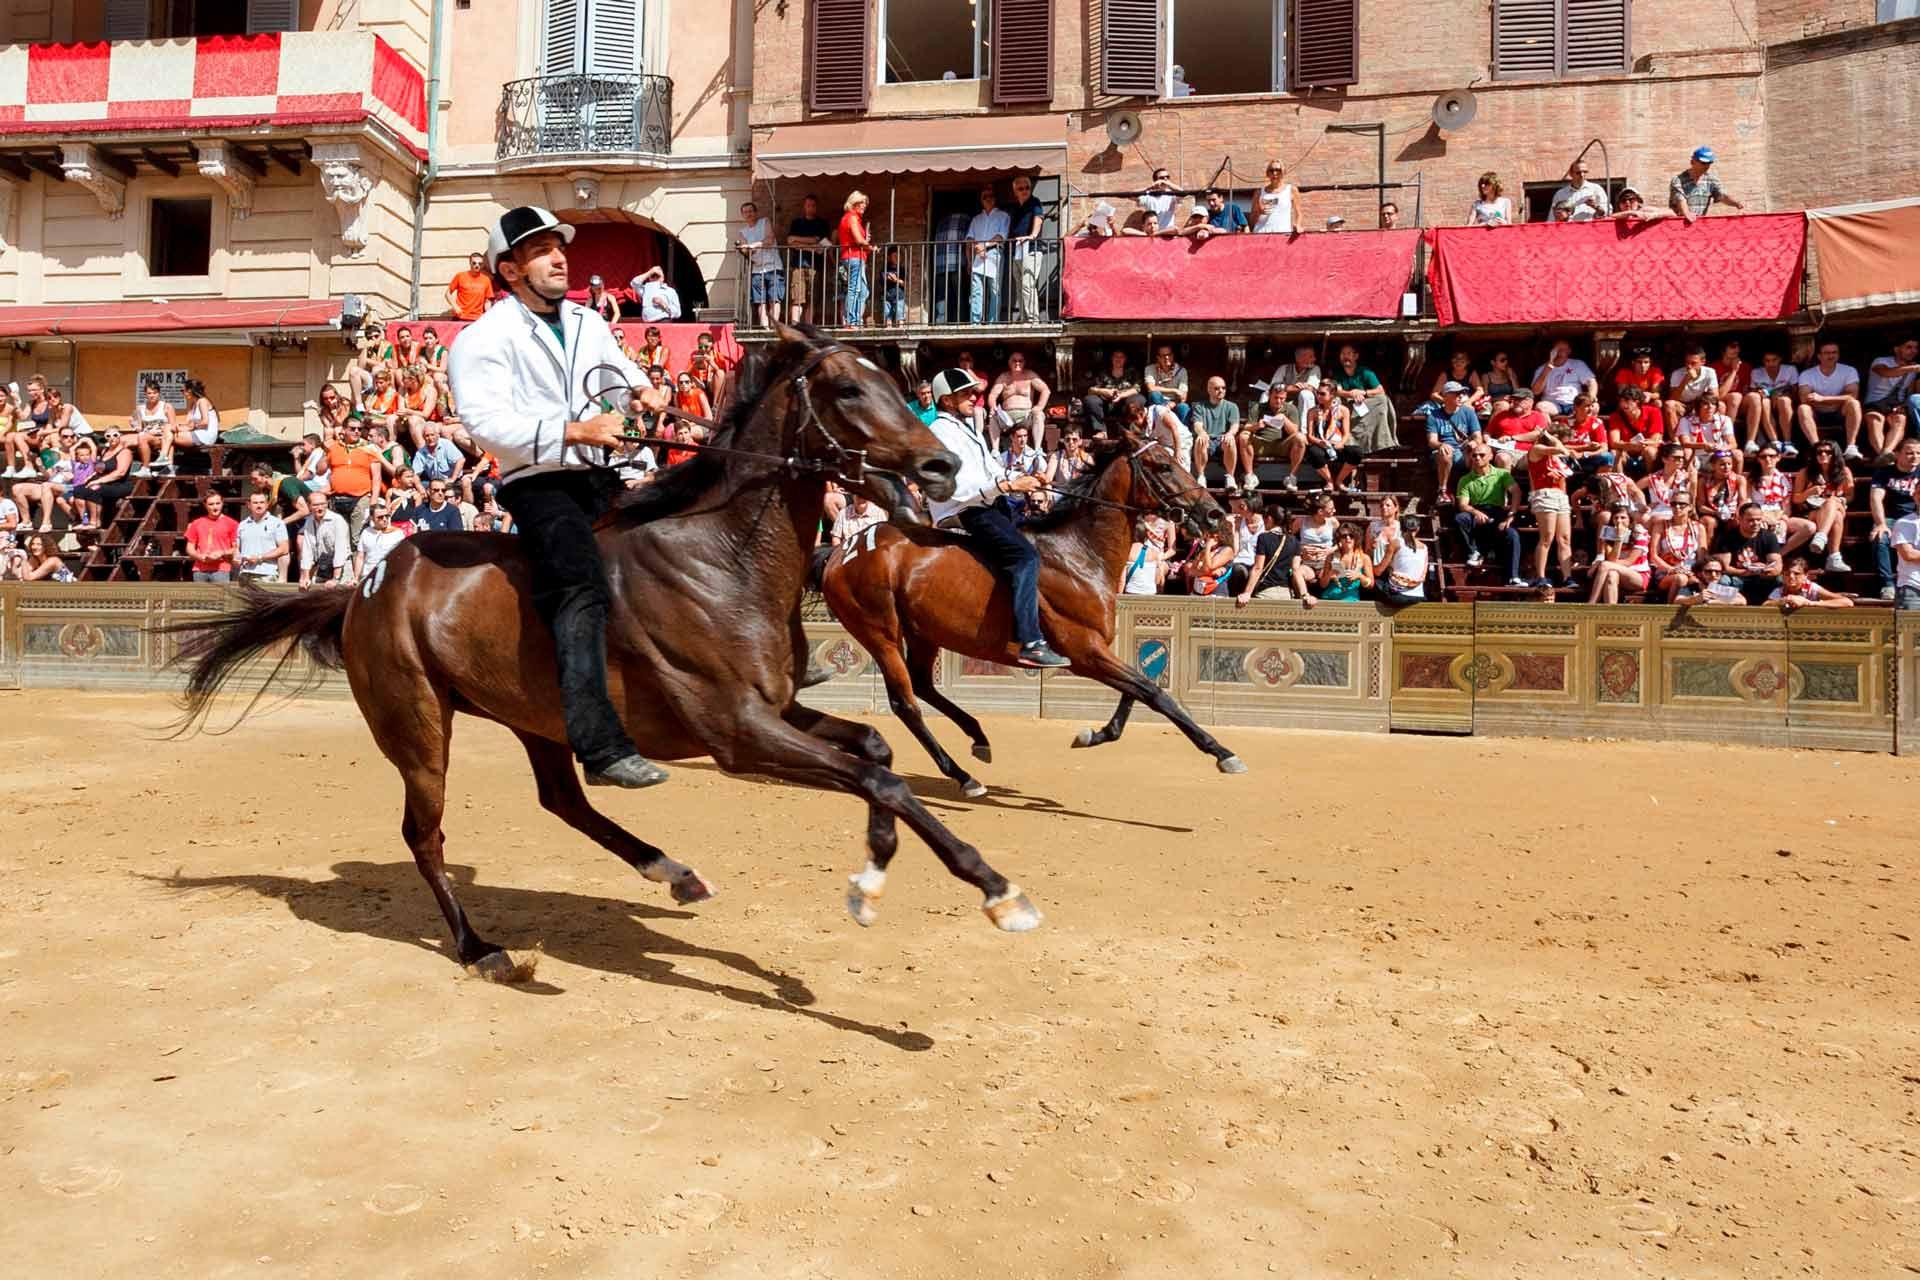 LA TRATTA - I fantini nei tre giri di pista, dovranno cercare di comprendere i punti forza e di debolezza dei cavalli che montano.